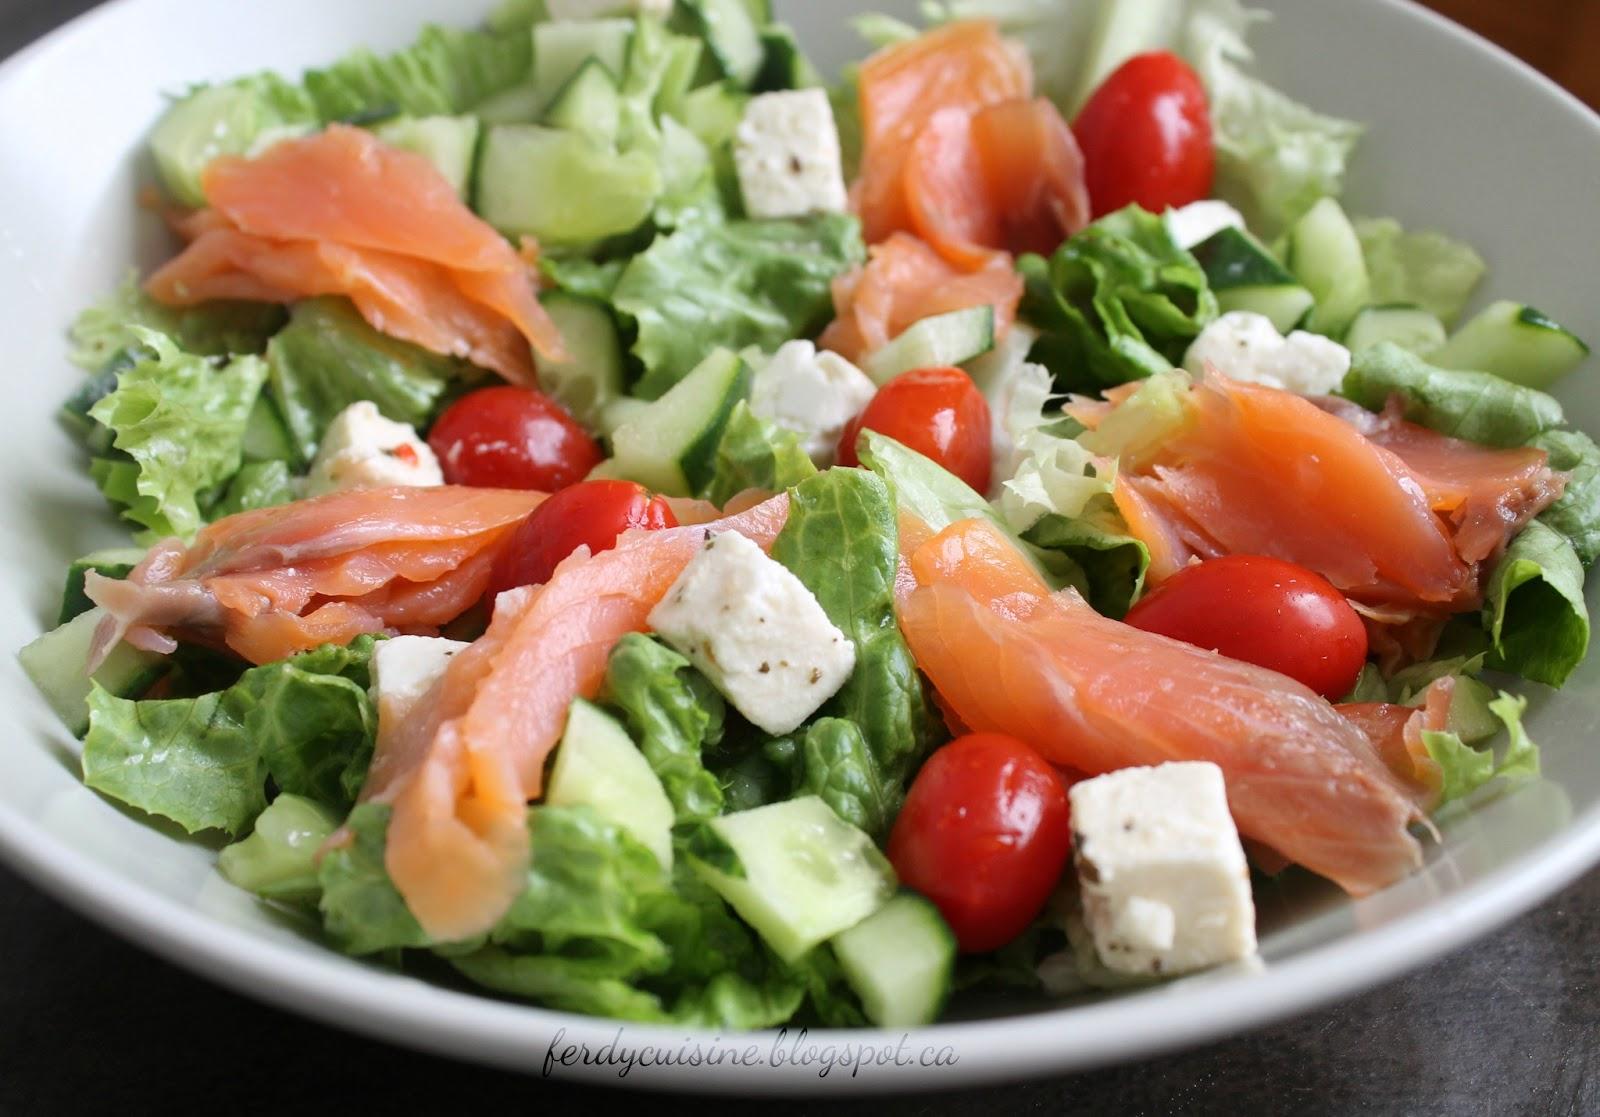 le blog culinaire d 39 une d butante la salade compos e 3 saumon feta. Black Bedroom Furniture Sets. Home Design Ideas